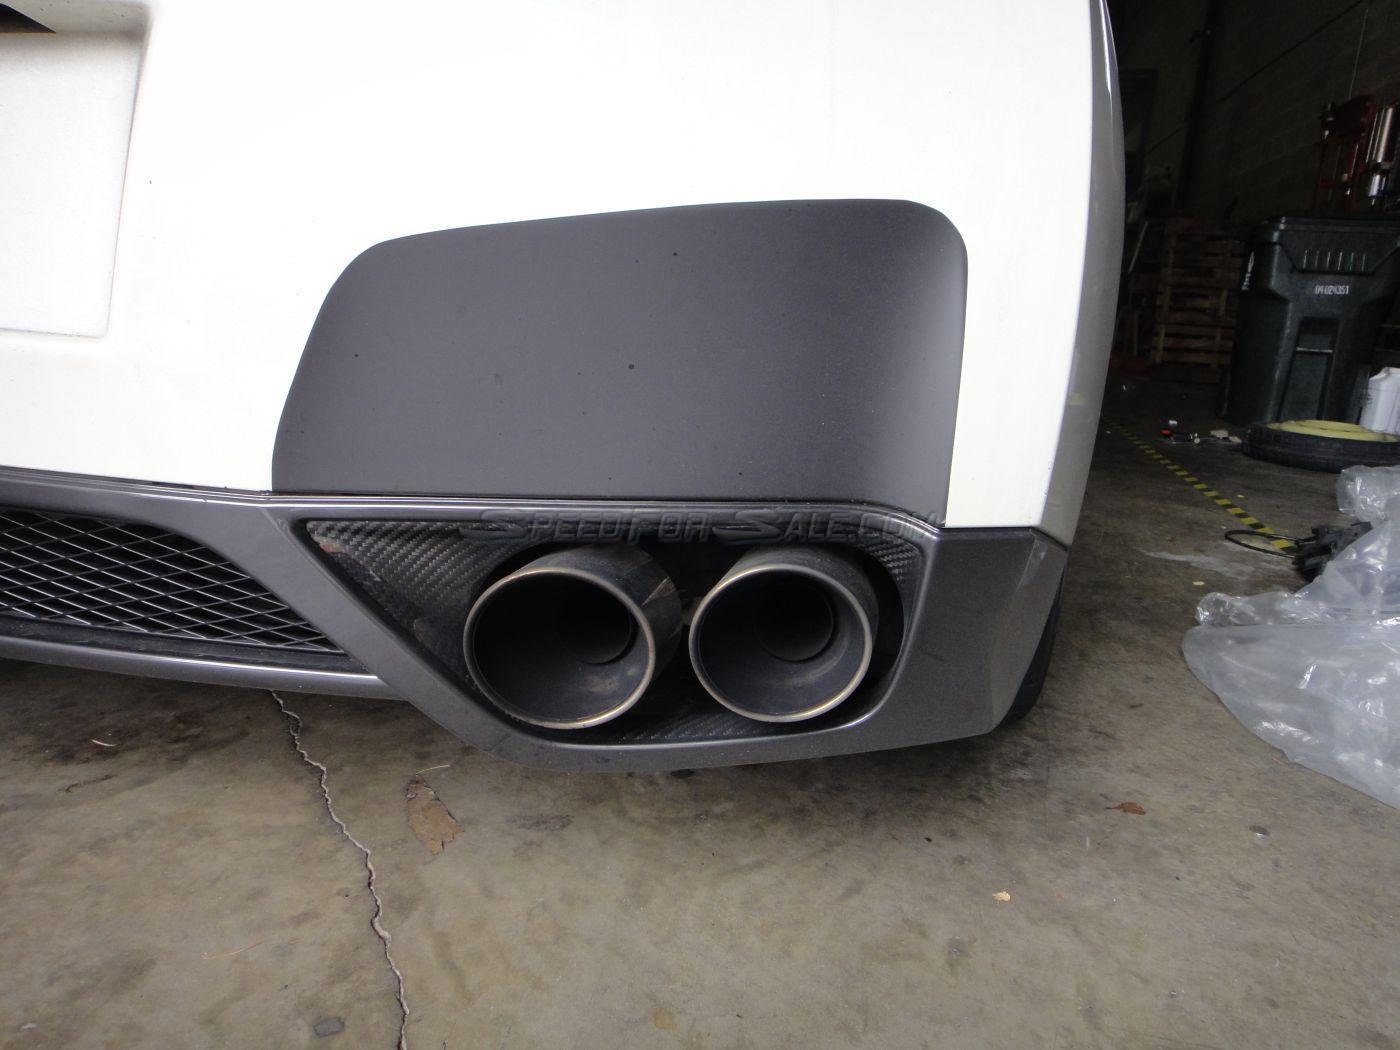 SpeedForSale's Rear Bumper Exhaust Guards Nissan GT-R 2008-16